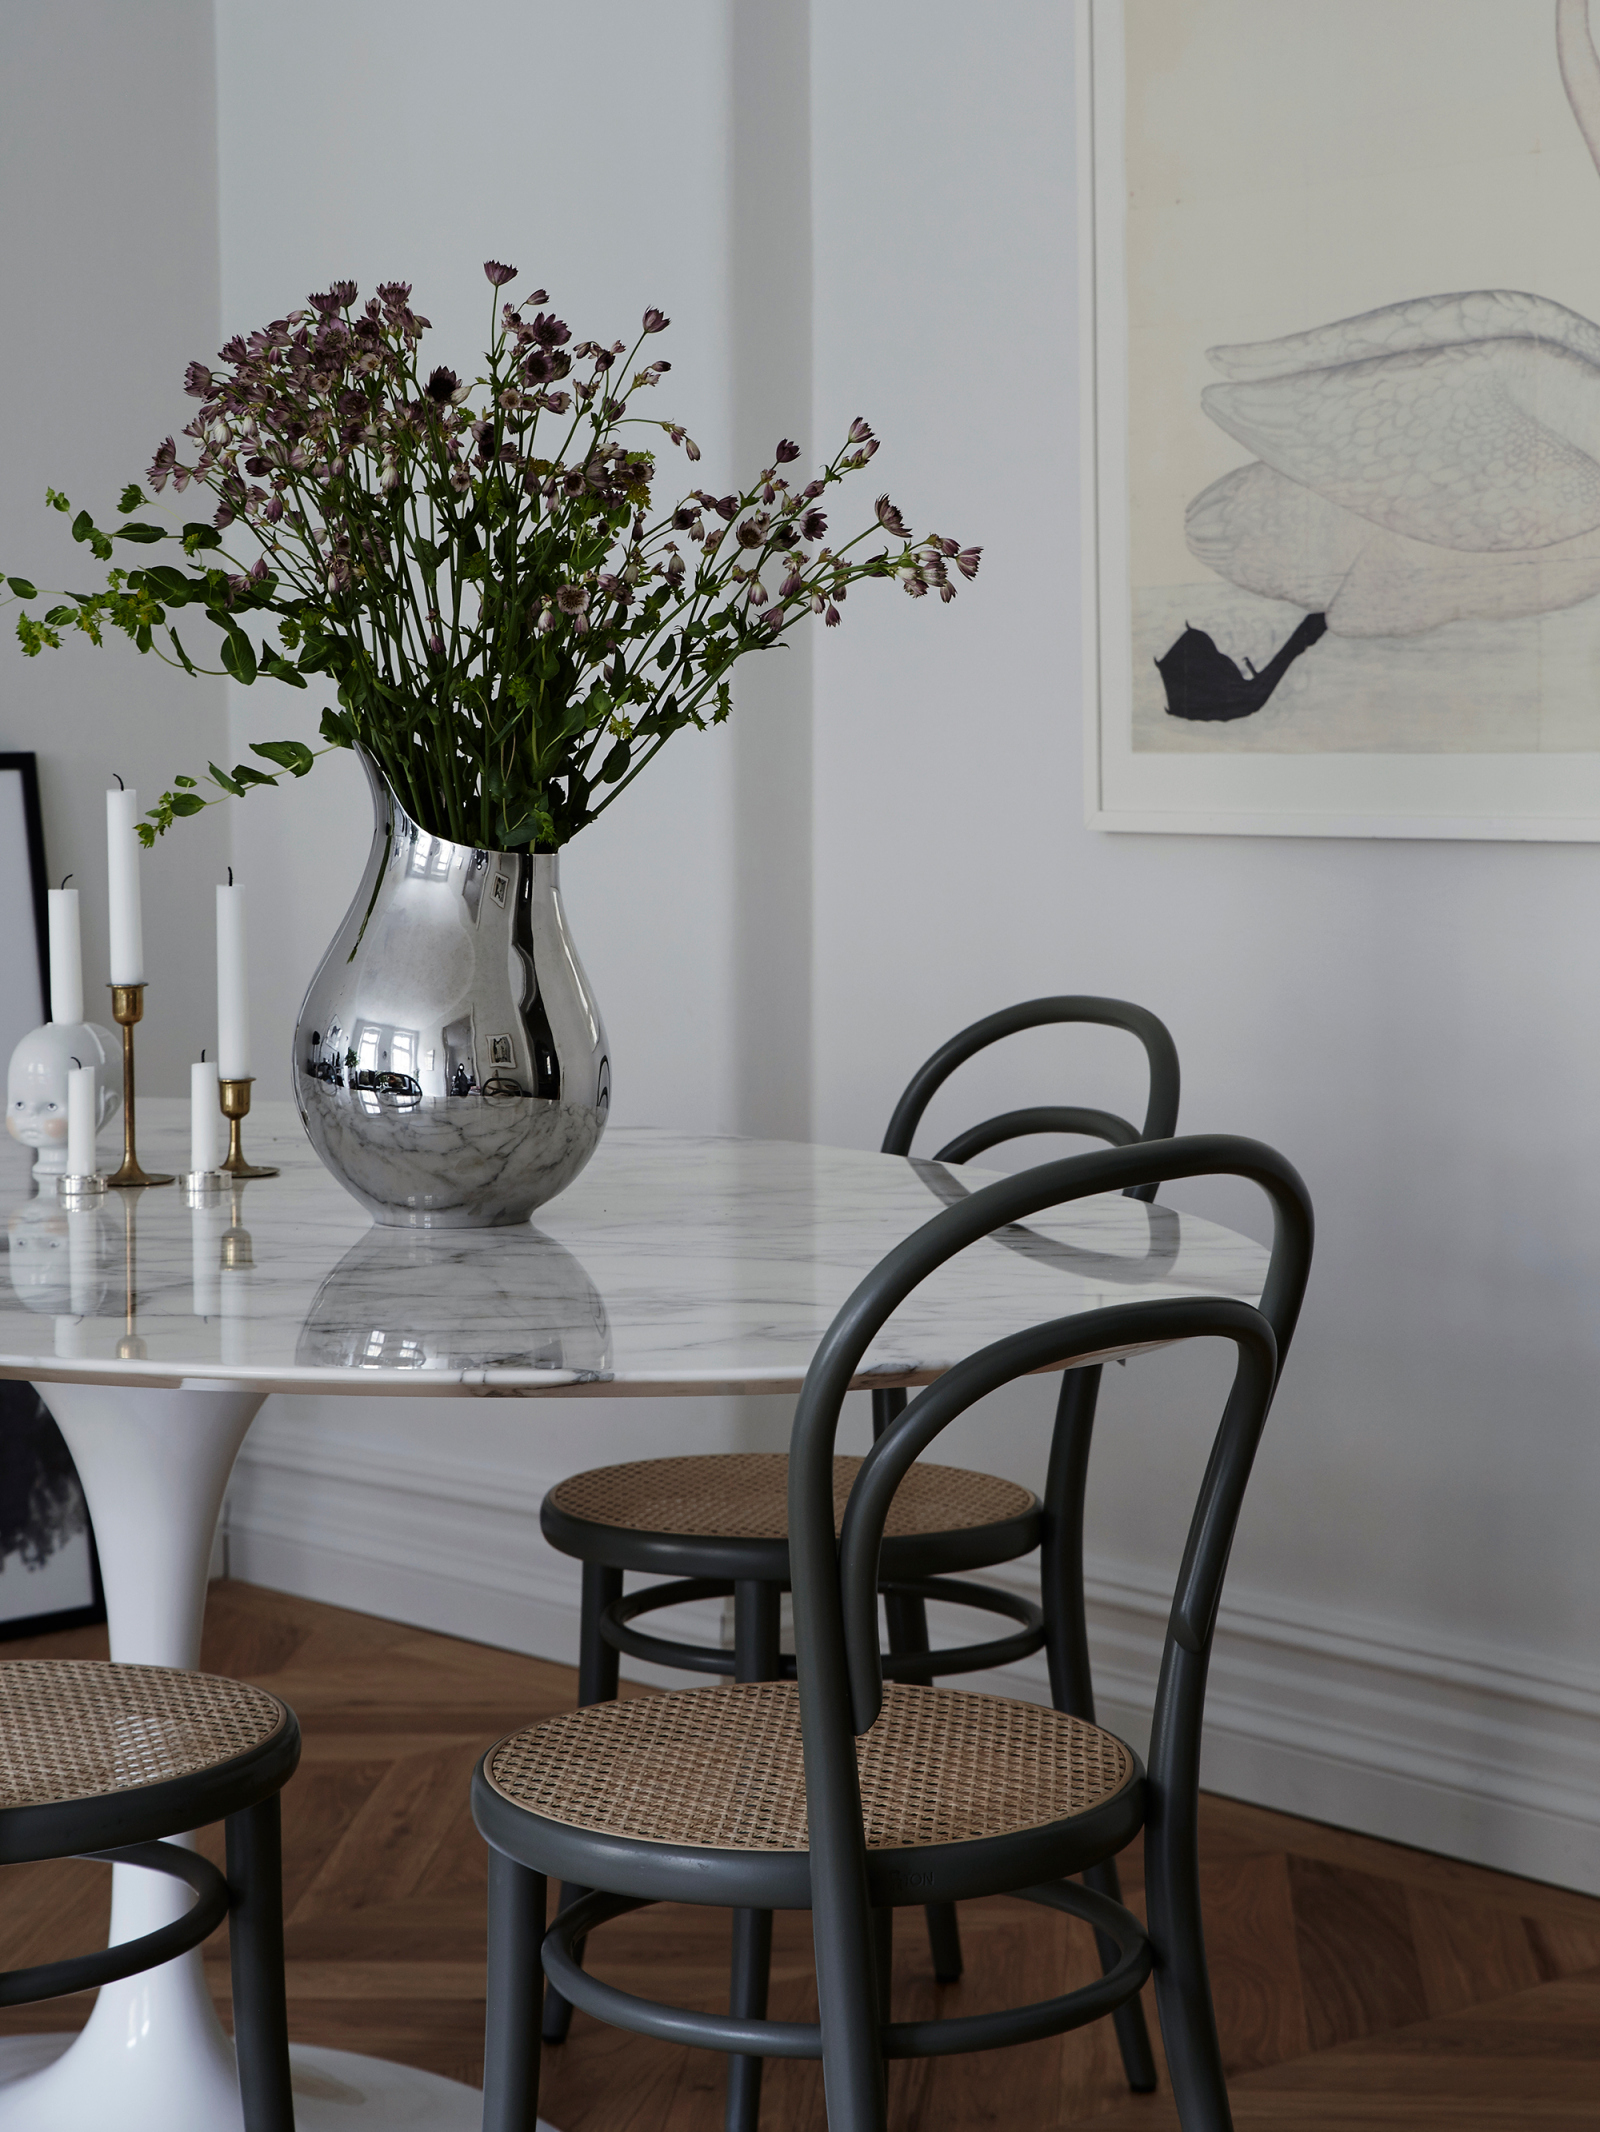 Saarinen oval dining table - Knoll, Chair 14 - Ton, Mama vase - Georg jensen